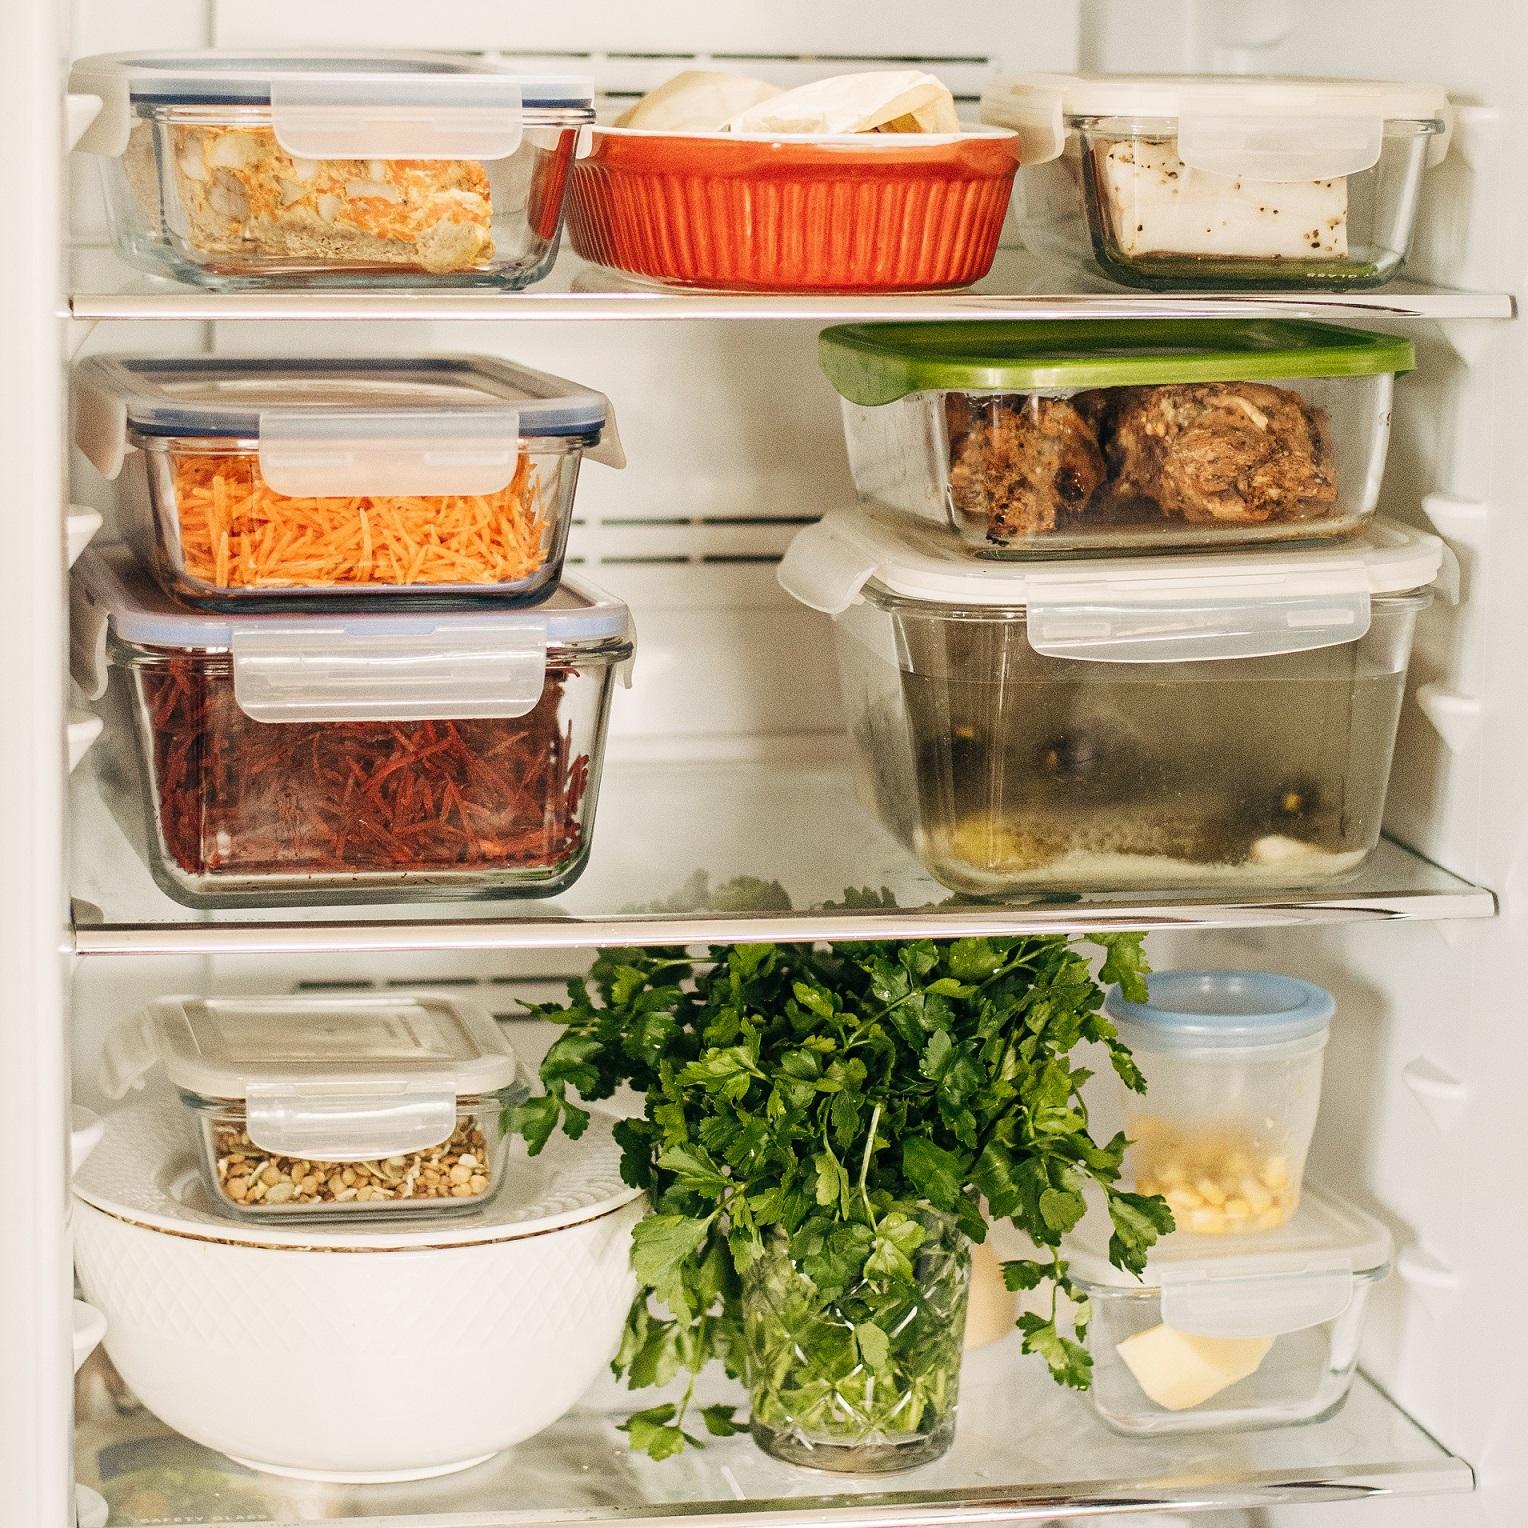 Świadome i przemyślane zakupy spożywcze oraz porządek w lodówce znacząco redukują marnowanie żywności w domu